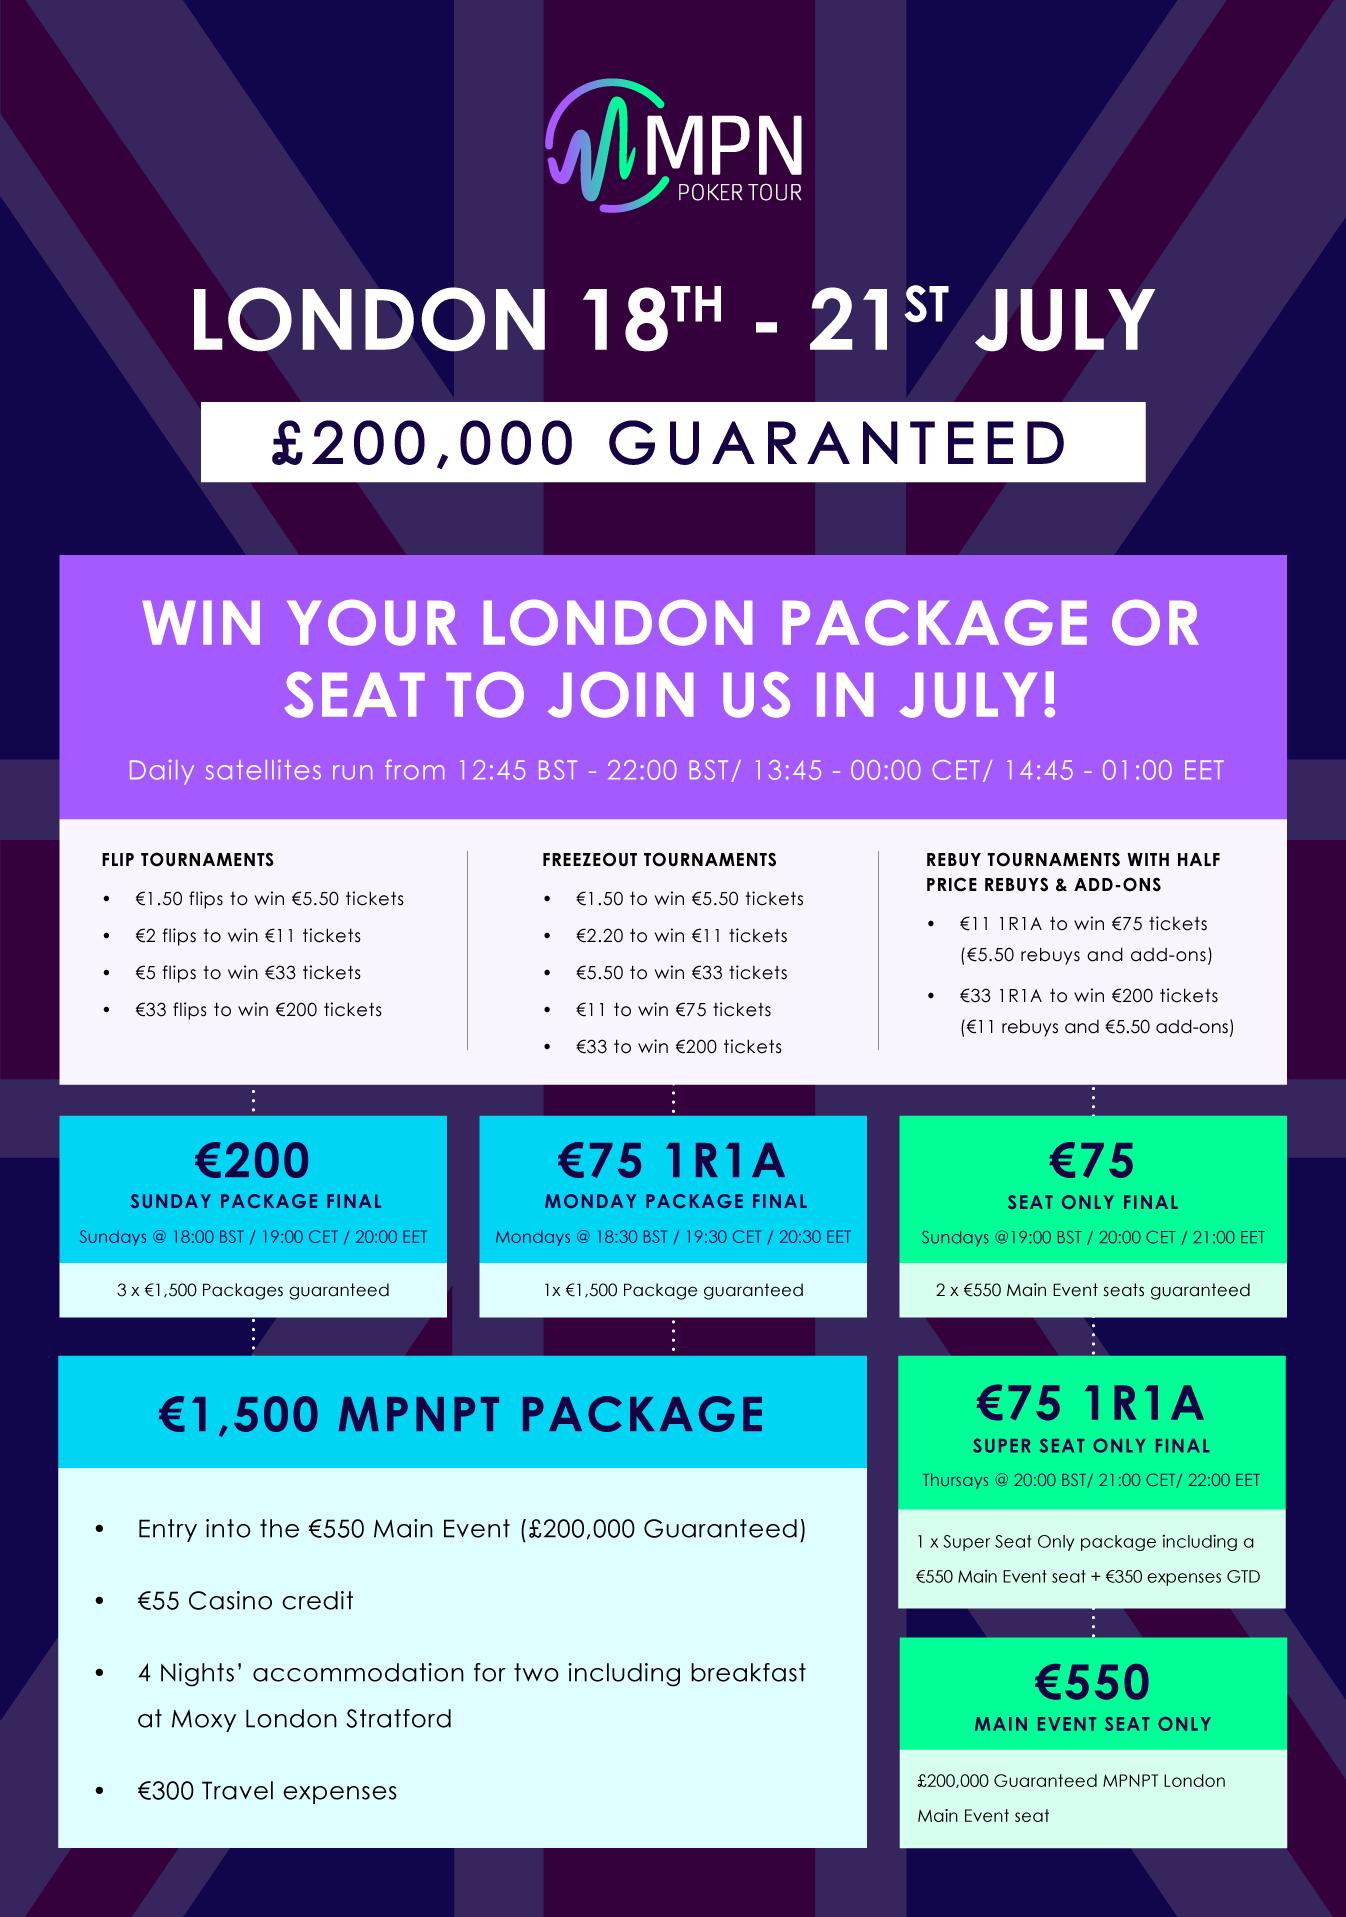 Juss ki freerollról a júliusi MPNPT Londonra!